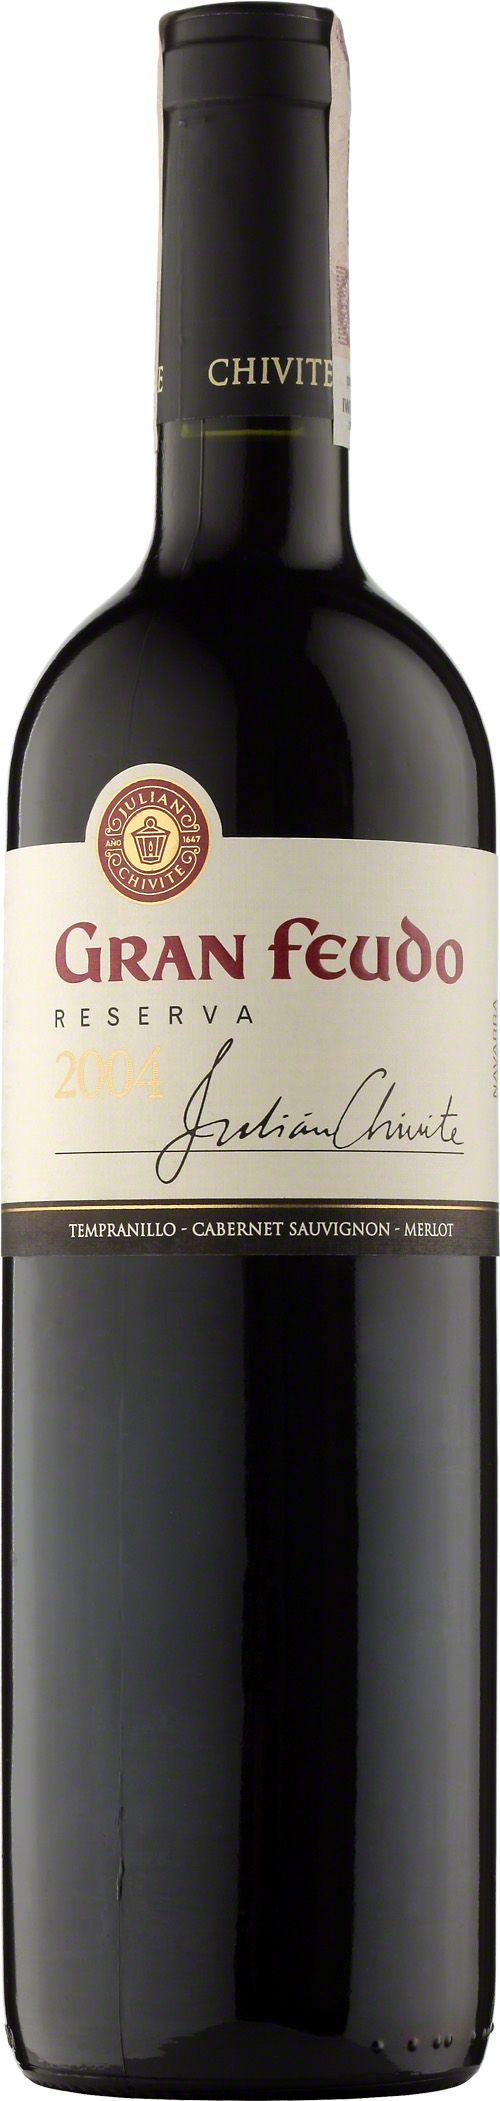 Chivite Gran Feudo Reserva Navarra D.O. Ma jaśniejszy kolor niż crianza (dłuższe dojrzewanie, 18 miesięcy w dębowych beczkach), ale nos jest bardziej złożony, z wyraźnym akcentem tytoniu i wanilii. Paleta Reservy jest dystyngowana i elegancka - wino jest niezwykle subtelne. #Chivite #GranFeudo #Reserva #Navarra #Hiszpania #Tempranillo #Wino #Winezja